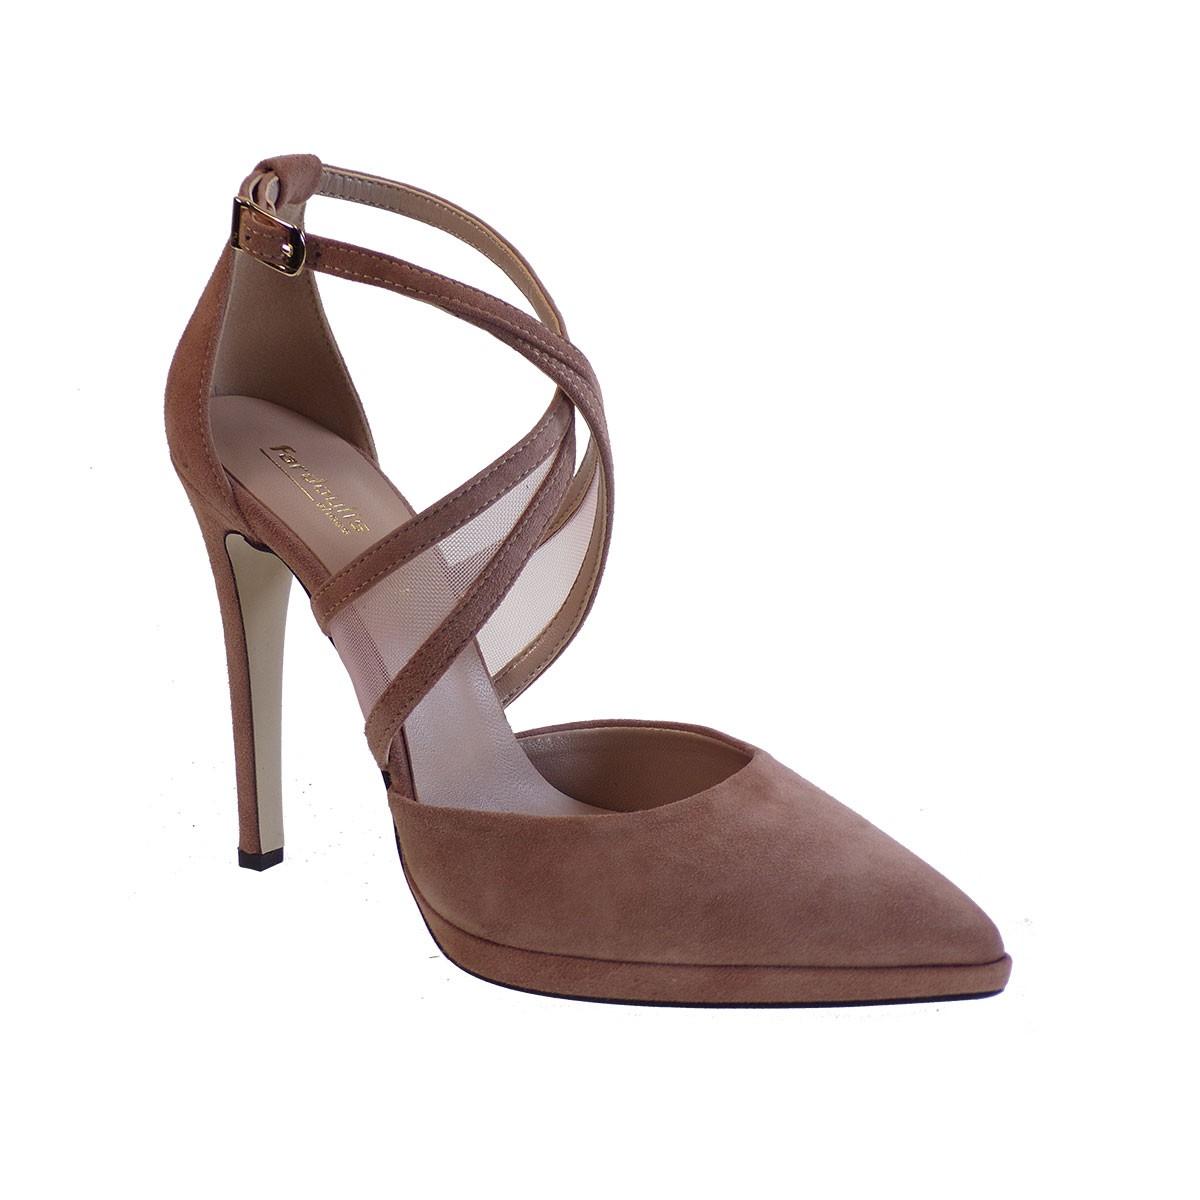 Fardoulis Shoes Γυναικεία Παπούτσια Γόβες 2635 Nude Δέρμα Καστόρι